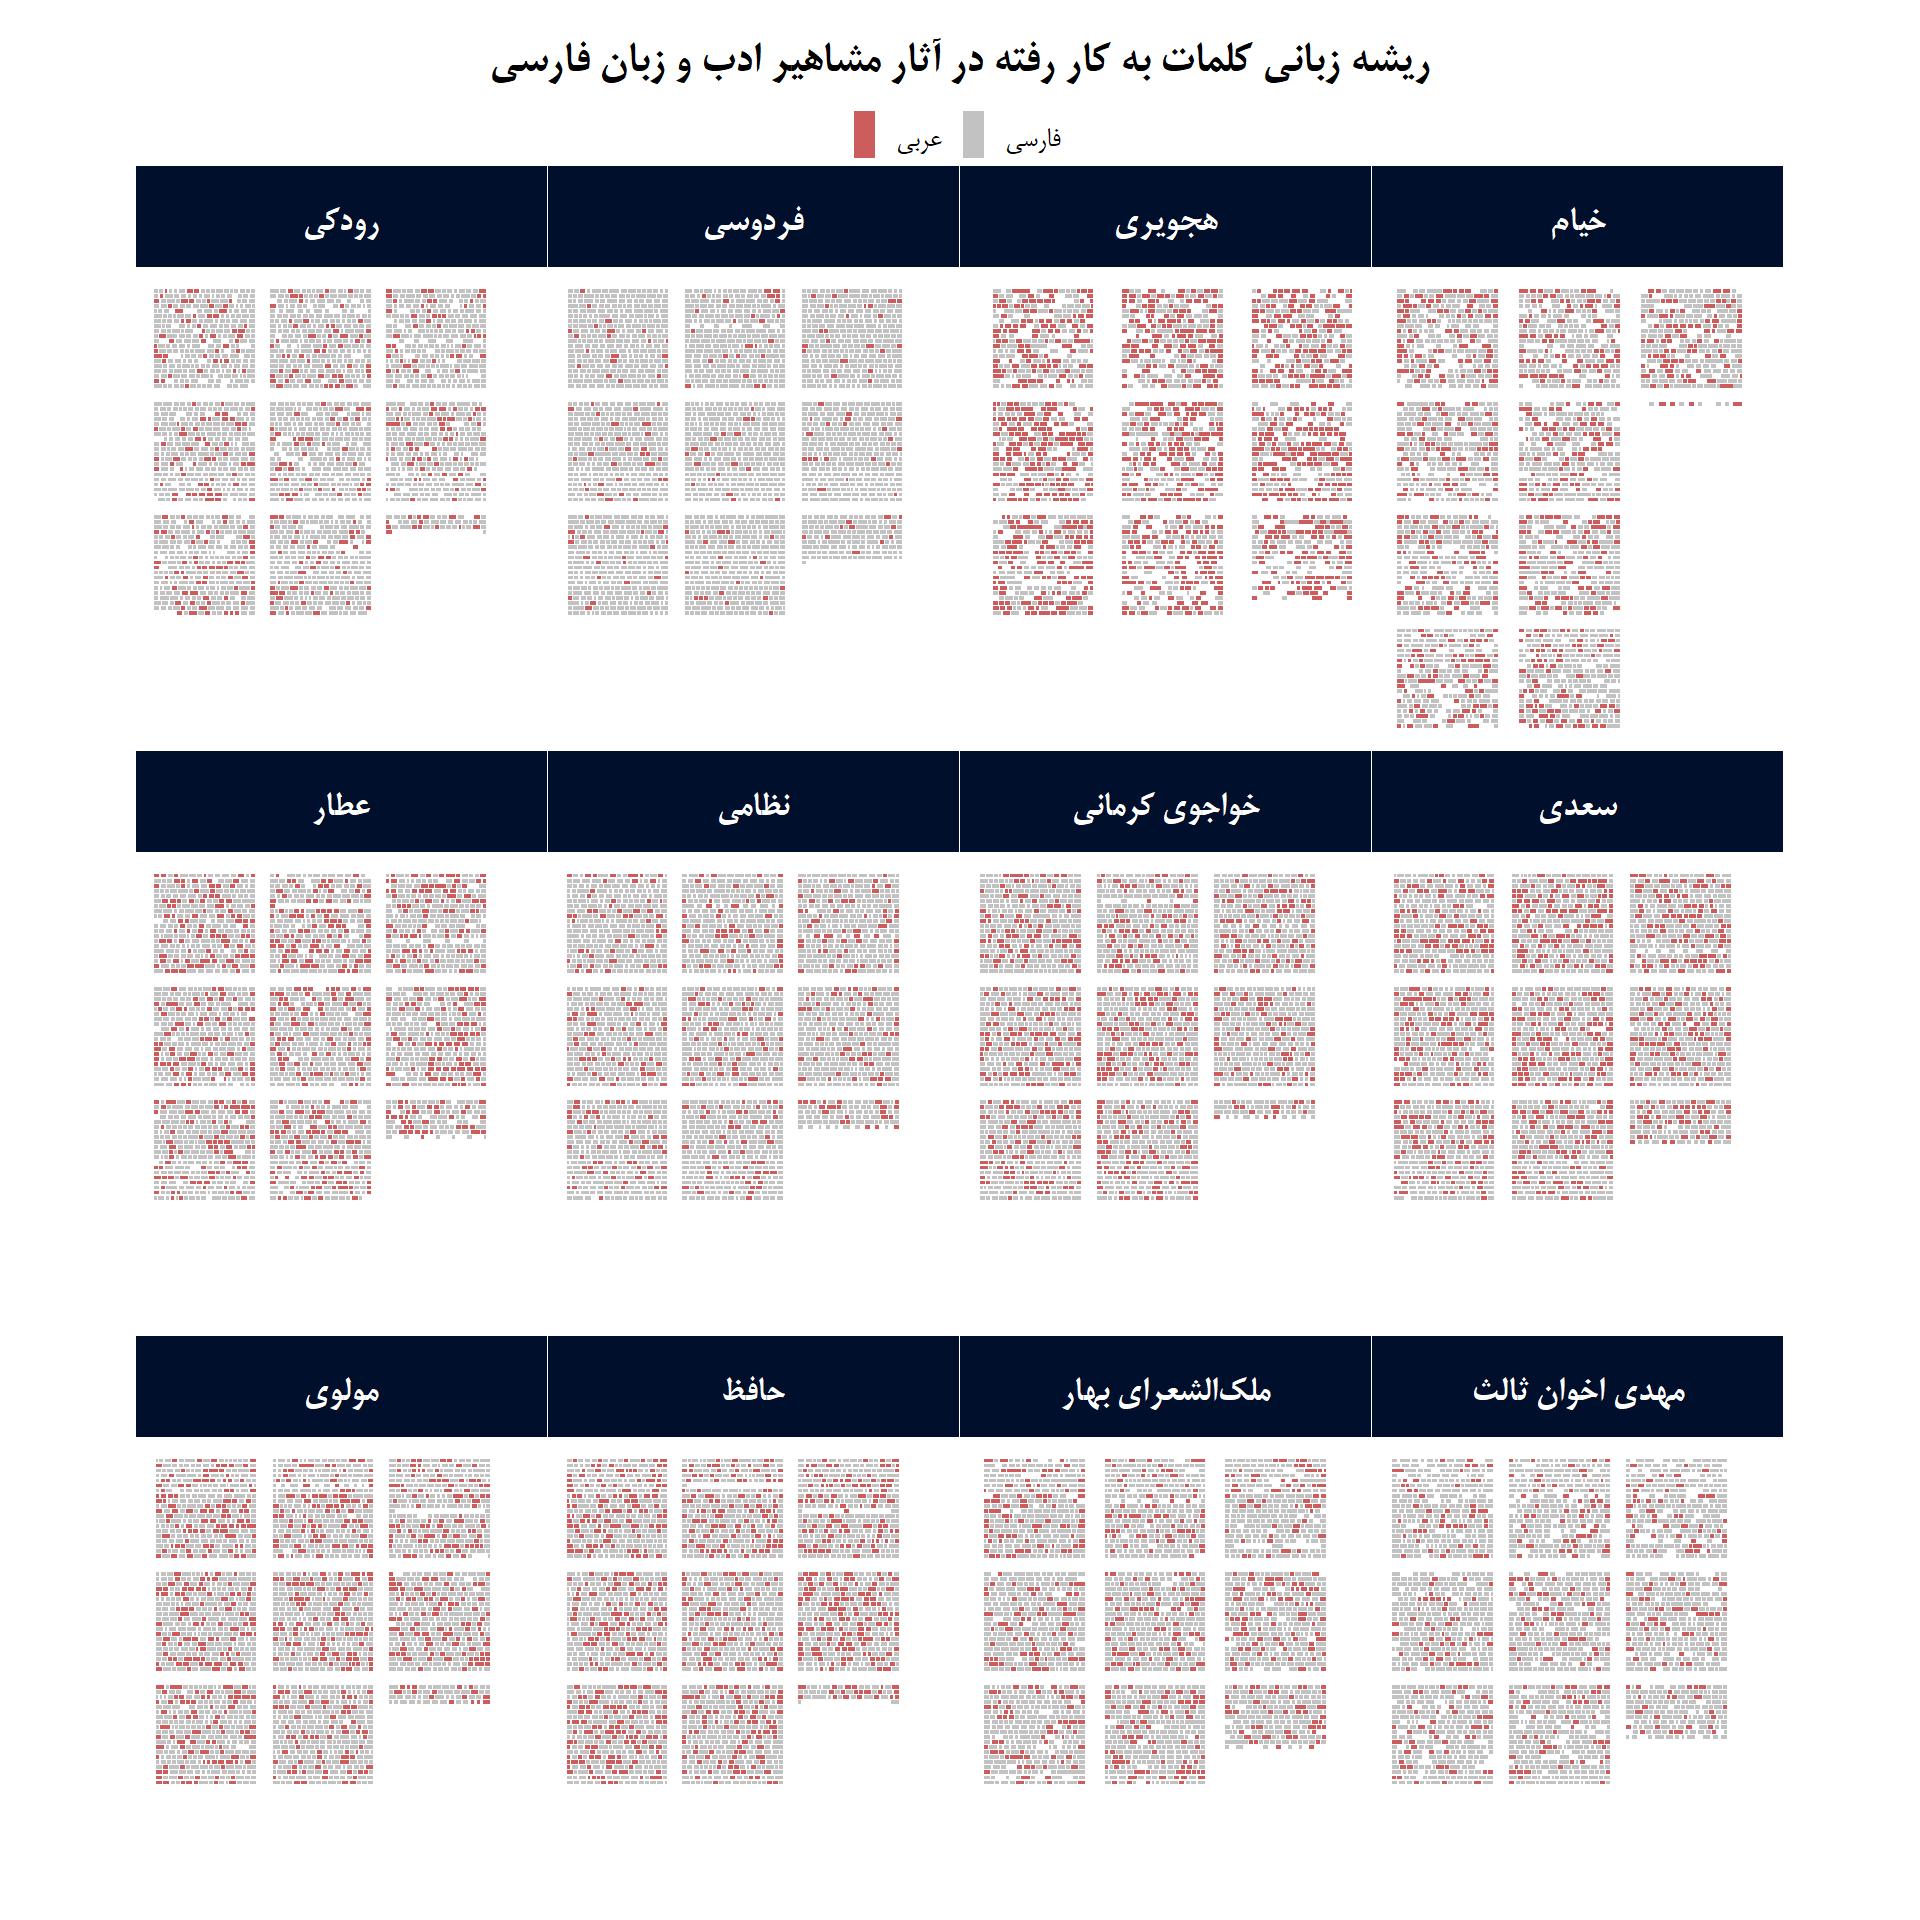 چند درصد از شاهنامه فردوسی عربی است؟